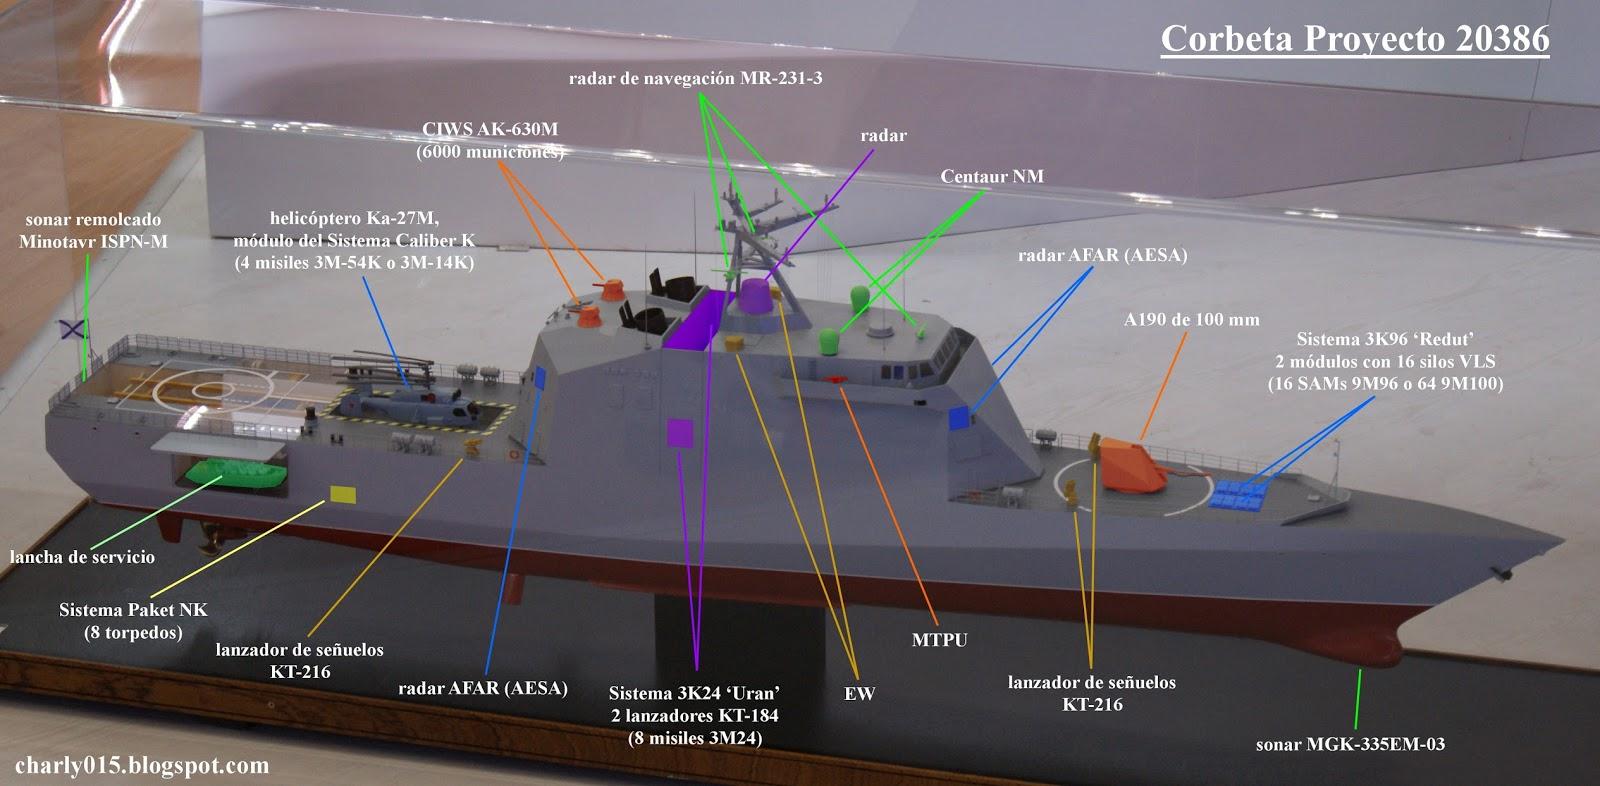 Project 20836 Derzkii-class Corvette/Frigate - Page 3 20386%2Bgr%25C3%25A1fico